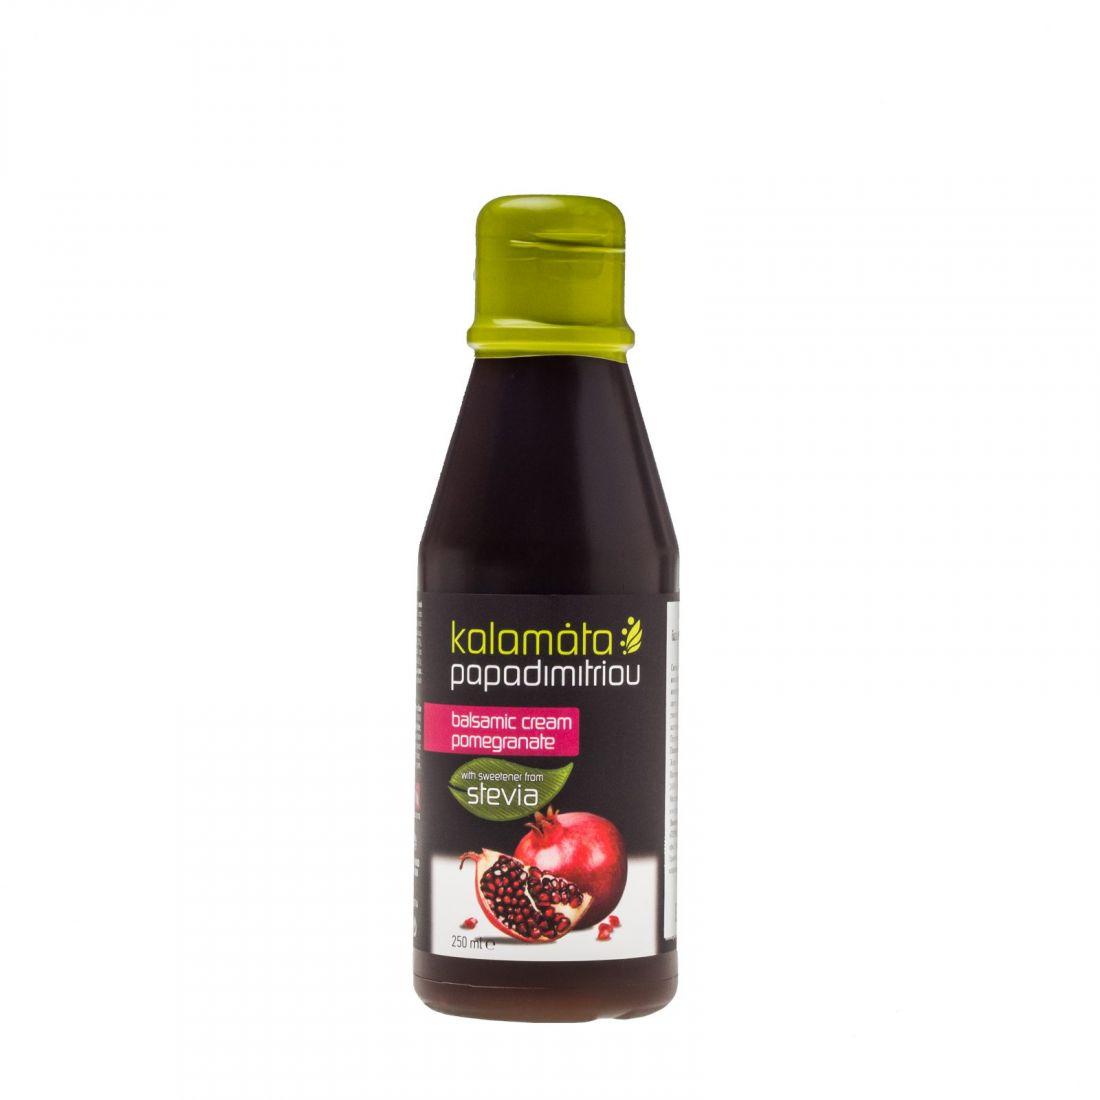 Бальзамический соус с гранатом без сахара Kalamata Papadimitriou - 250 мл - в пластике